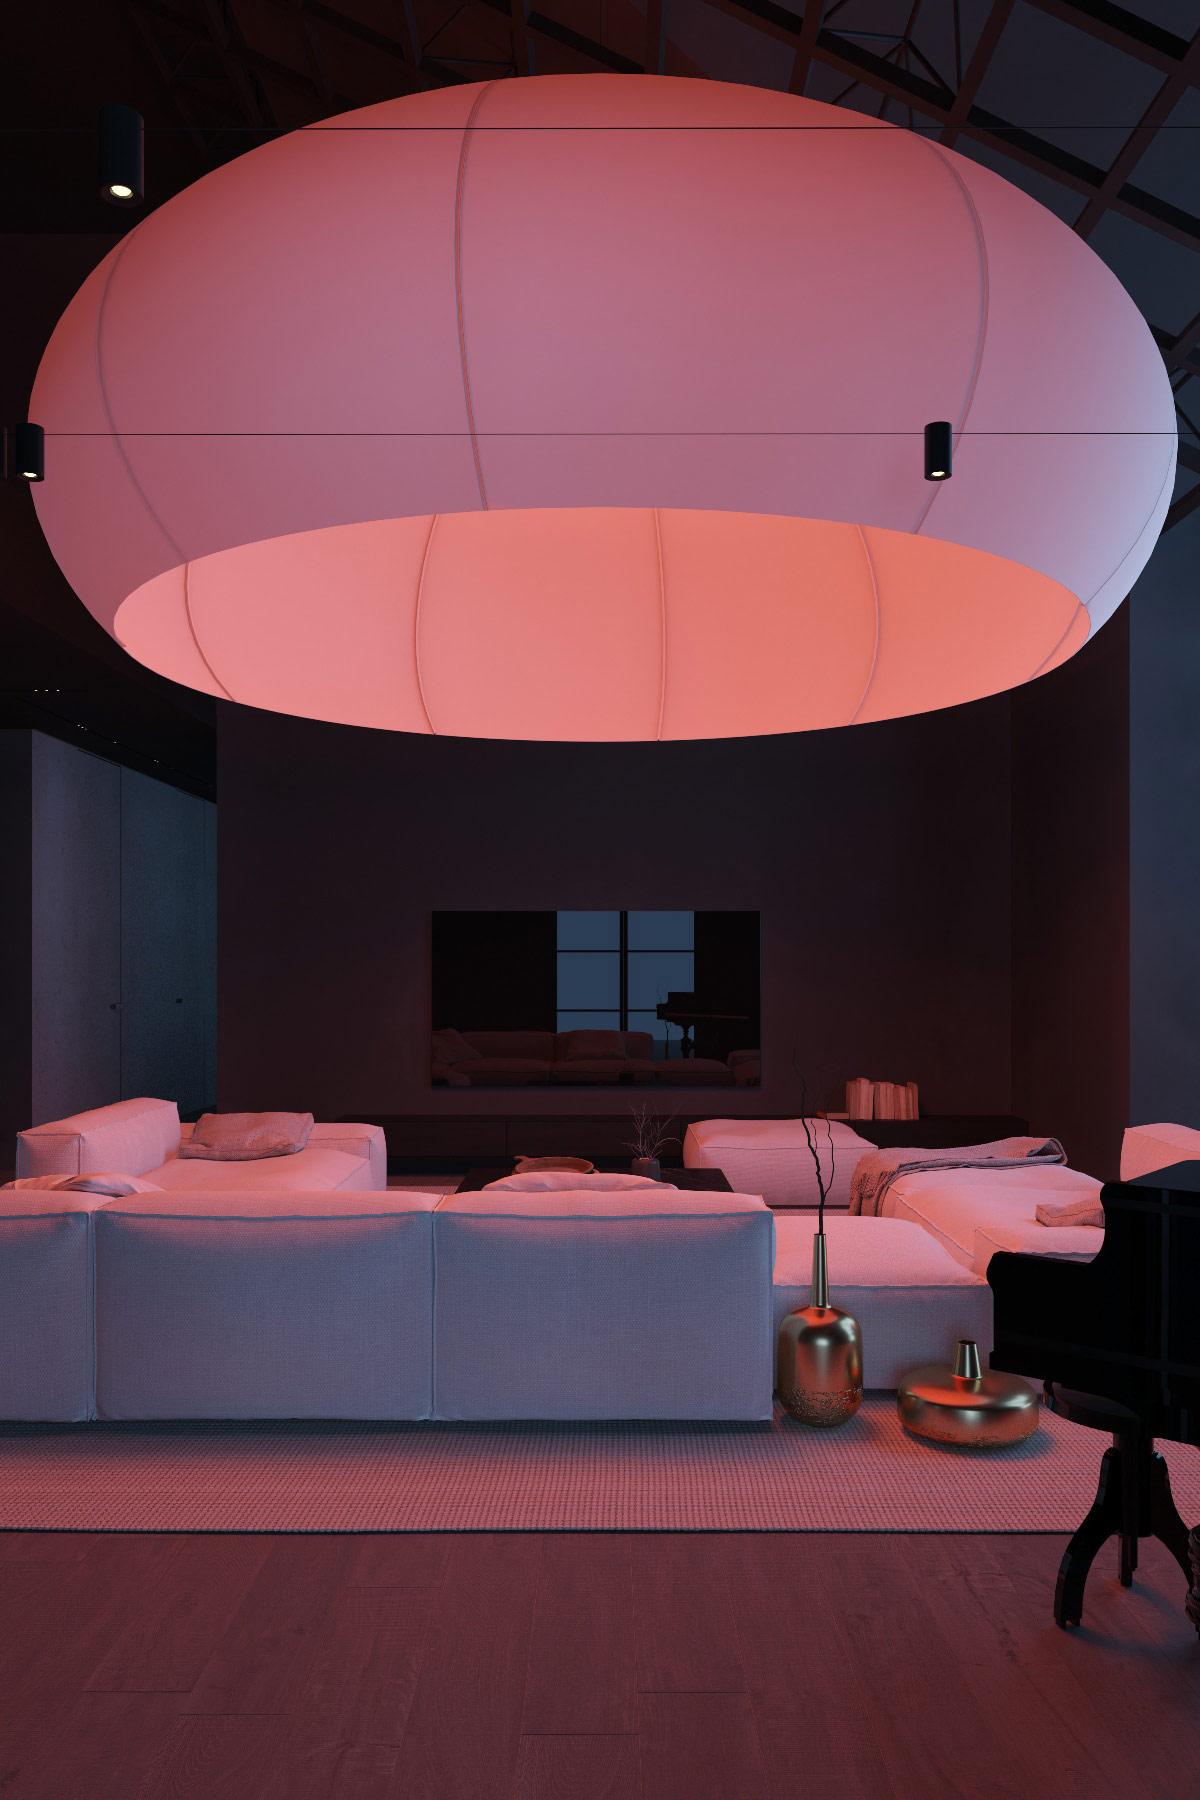 Một chiếc ghế sofa trắng kiểu mô-đun trở thành một tấm bạt để thay đổi màu sắc bên dưới chiếc dù chiếu sáng tuyệt vời